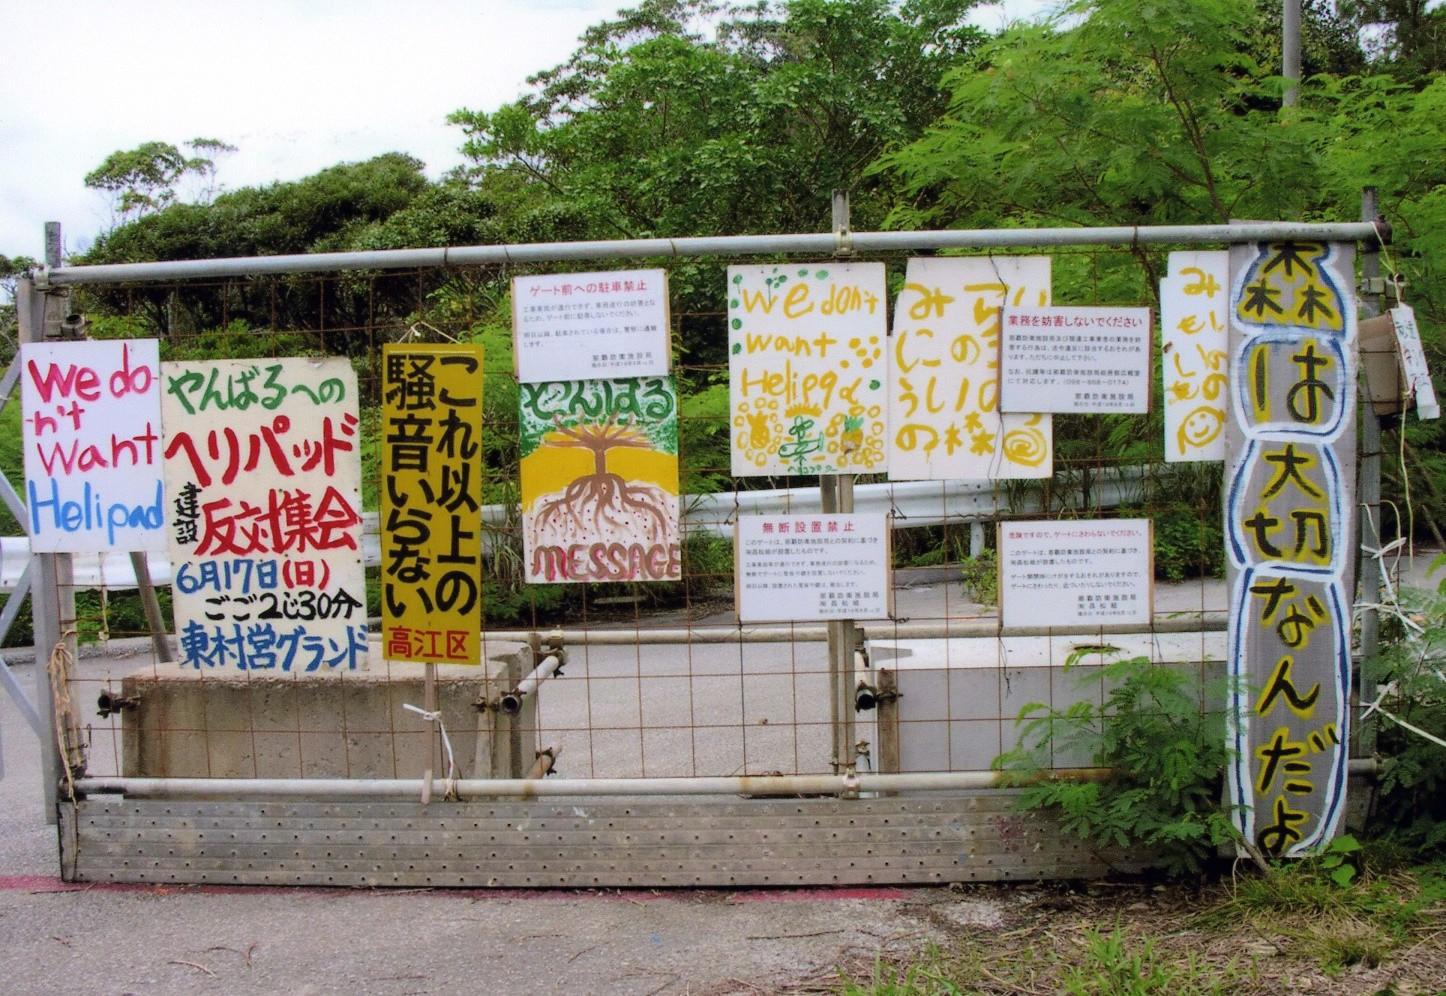 高江区民の声と那覇防衛施設局の看板